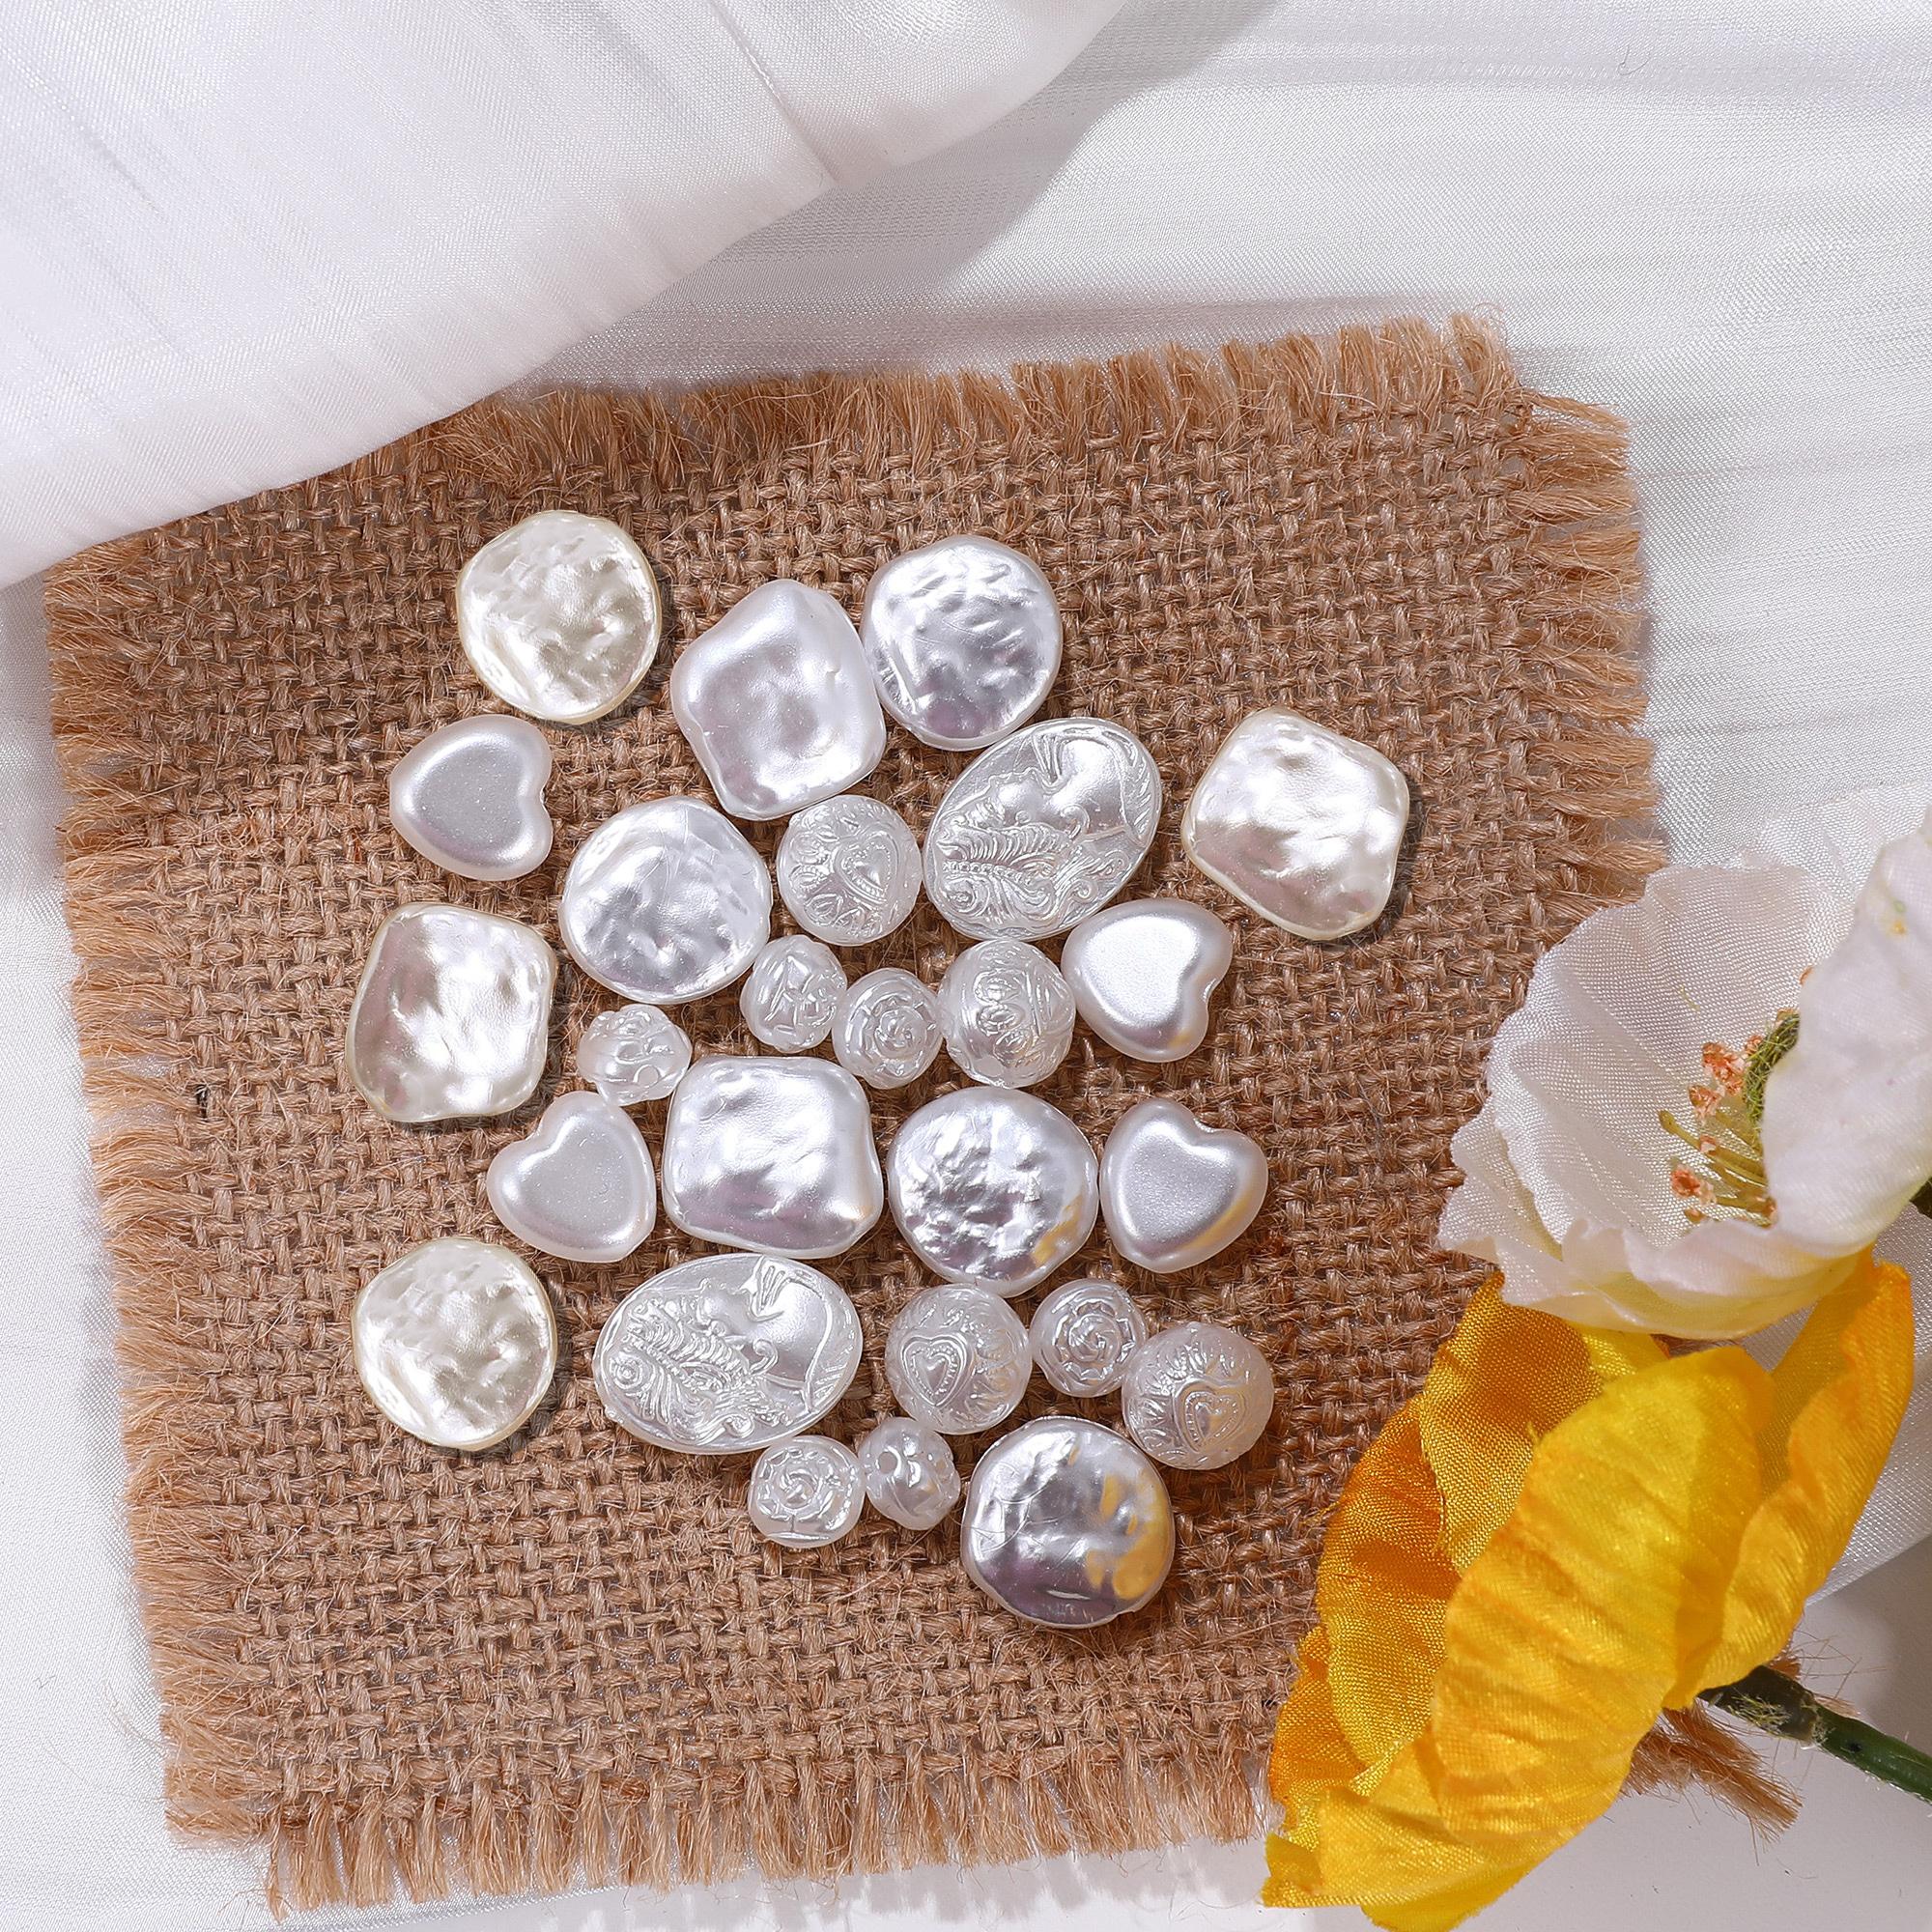 10个亚克力仿皱纹珍珠圆形美人头像爱心串珠DIY手工饰品配件材料